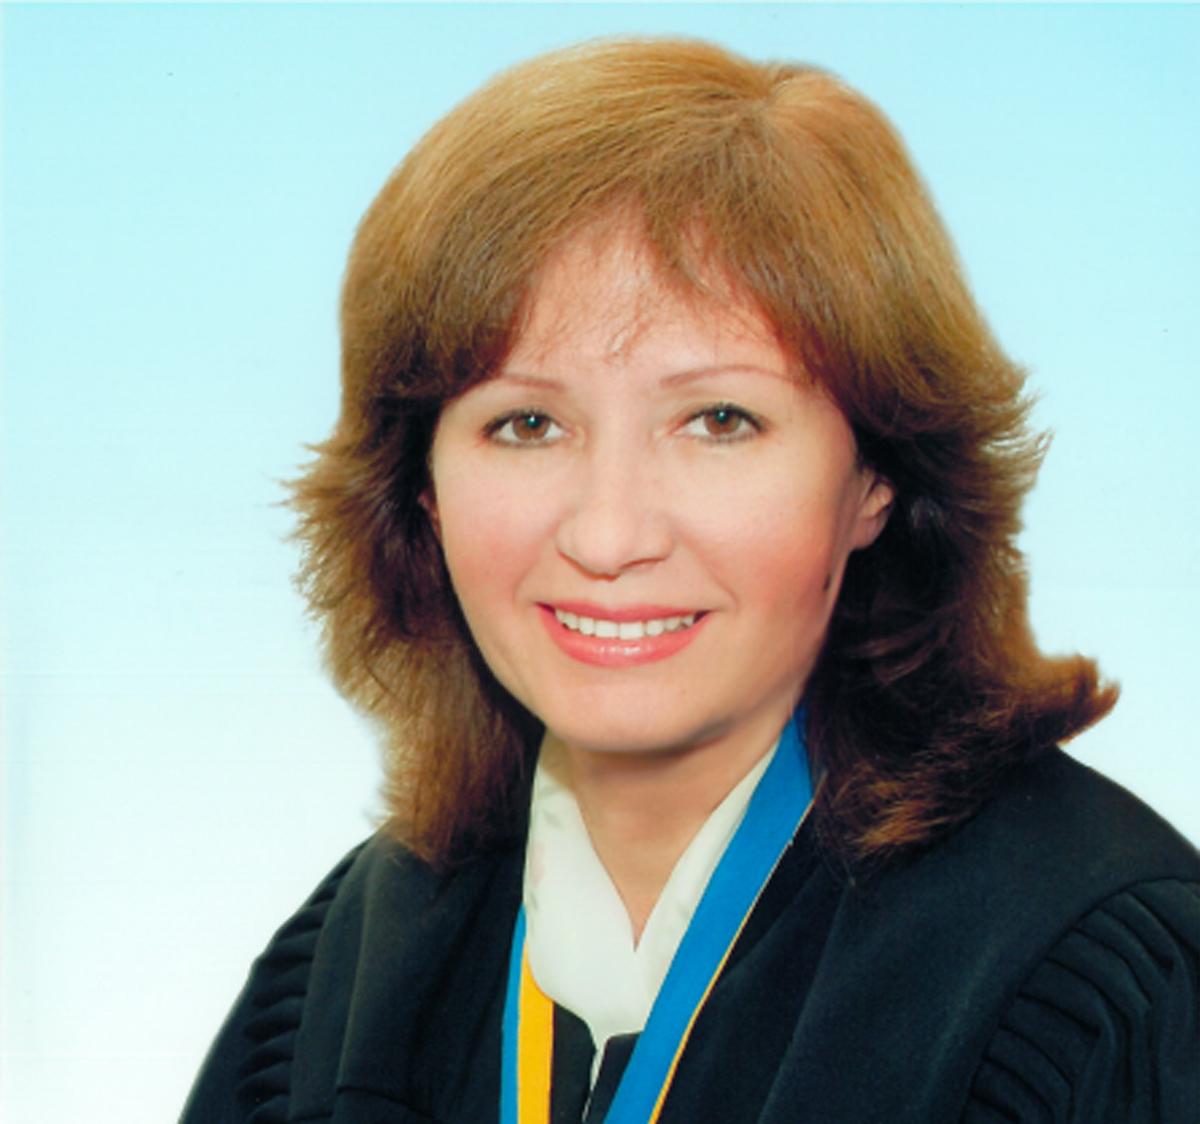 Як живе суддя Вищого спеціалізованого суду України (фото, відео)